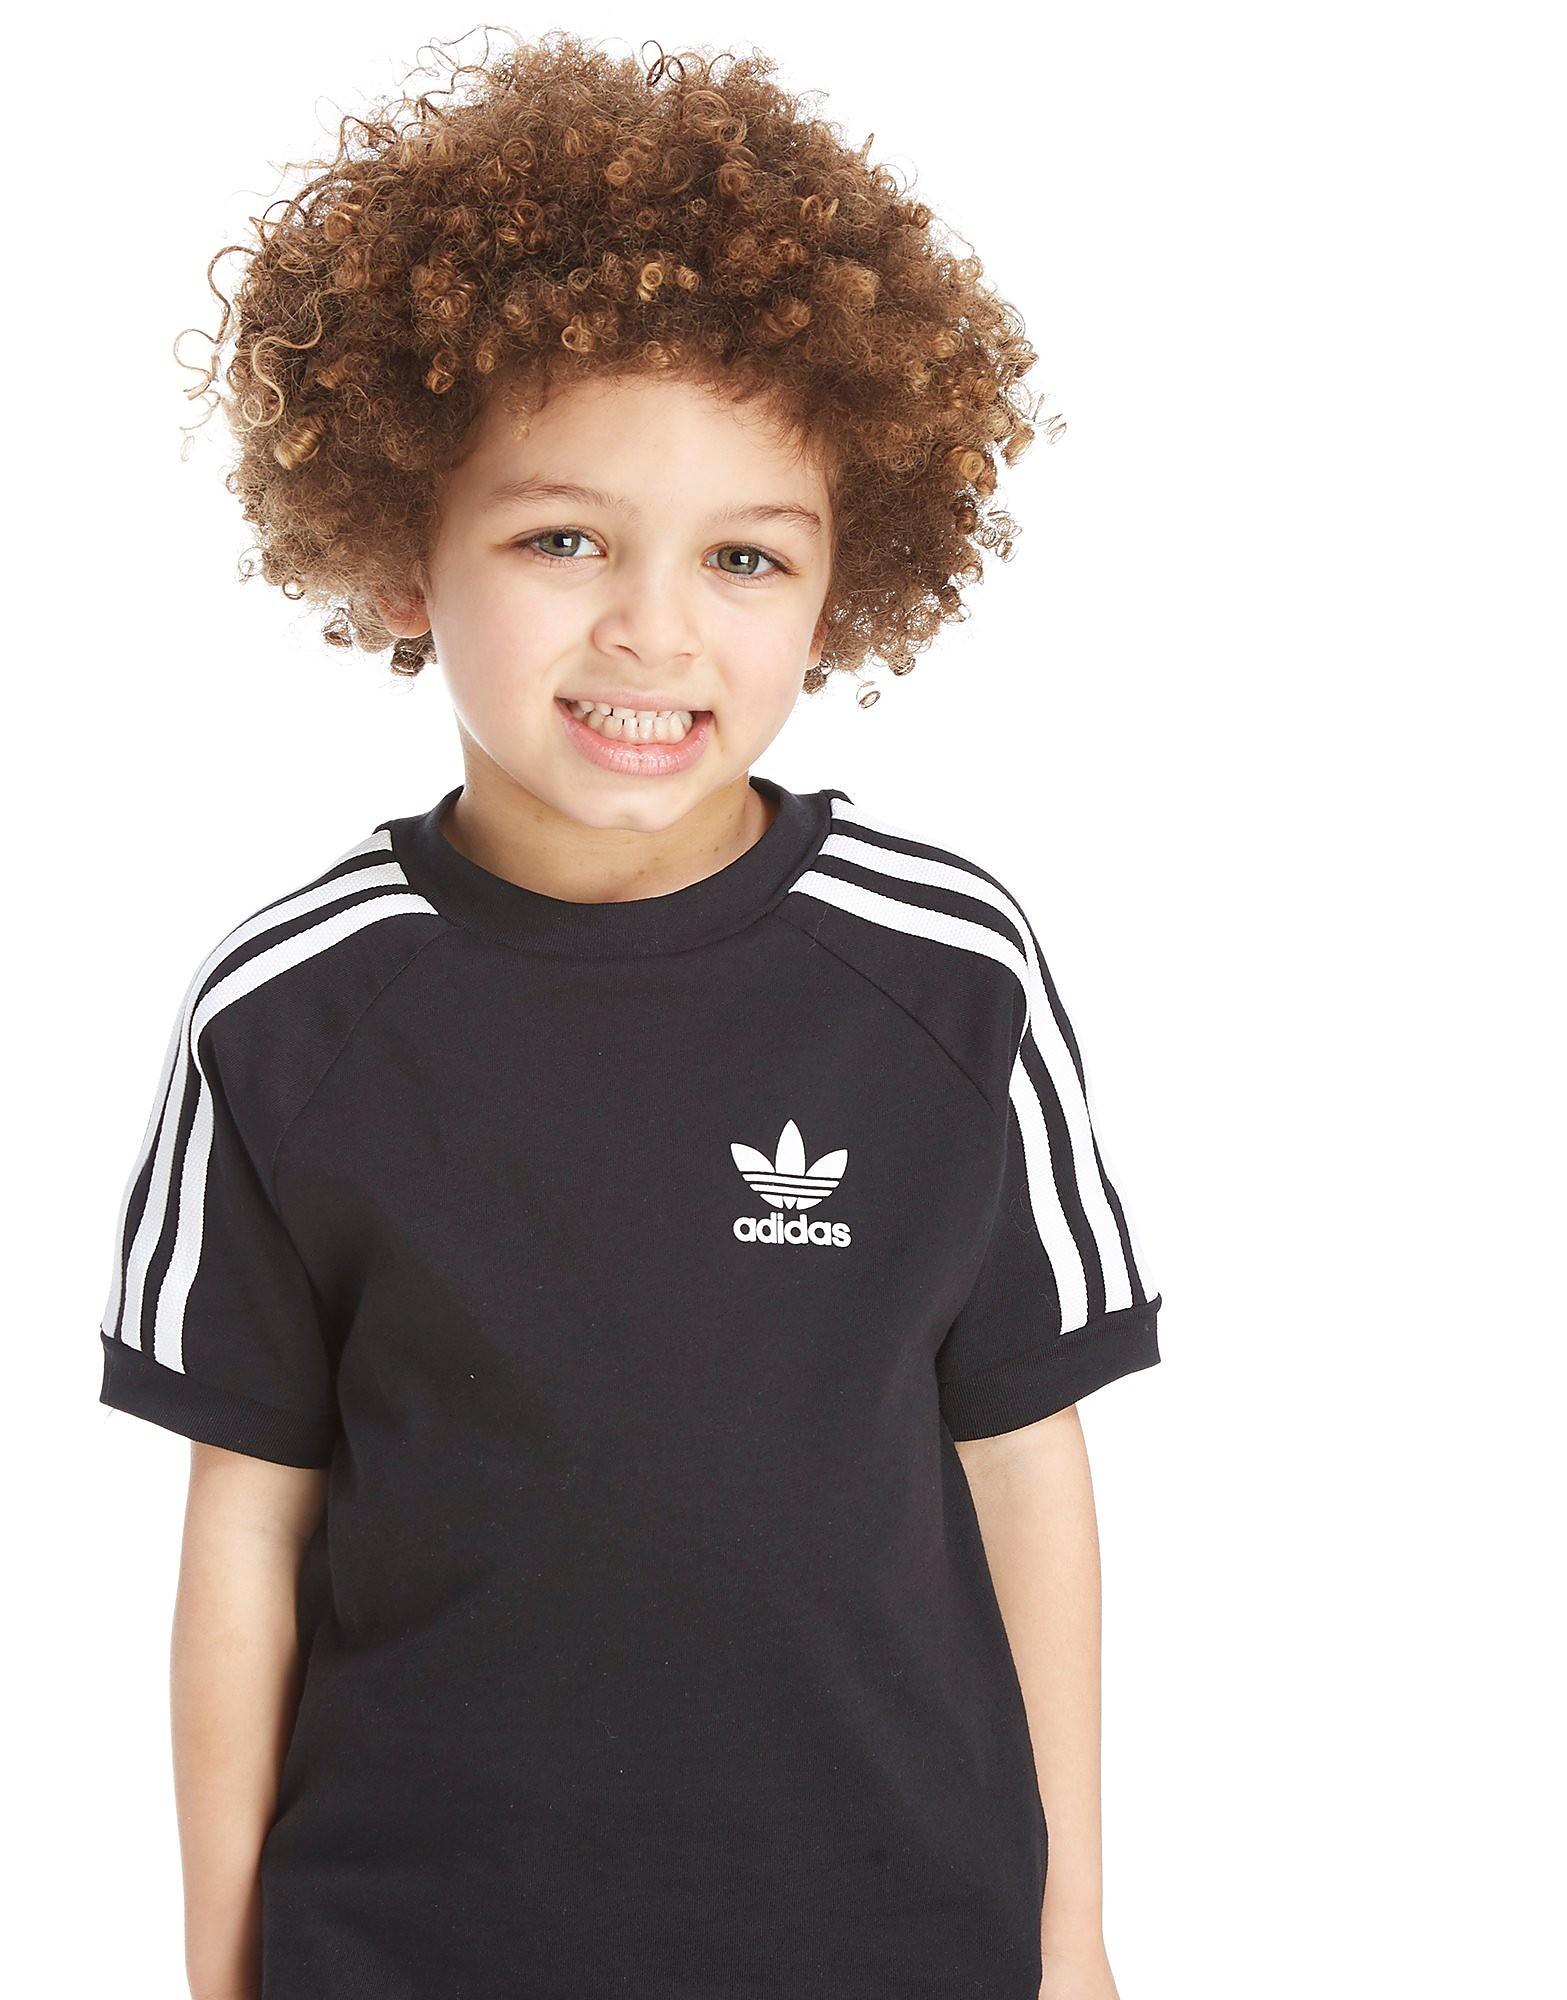 adidas Originals California T-Shirt Children